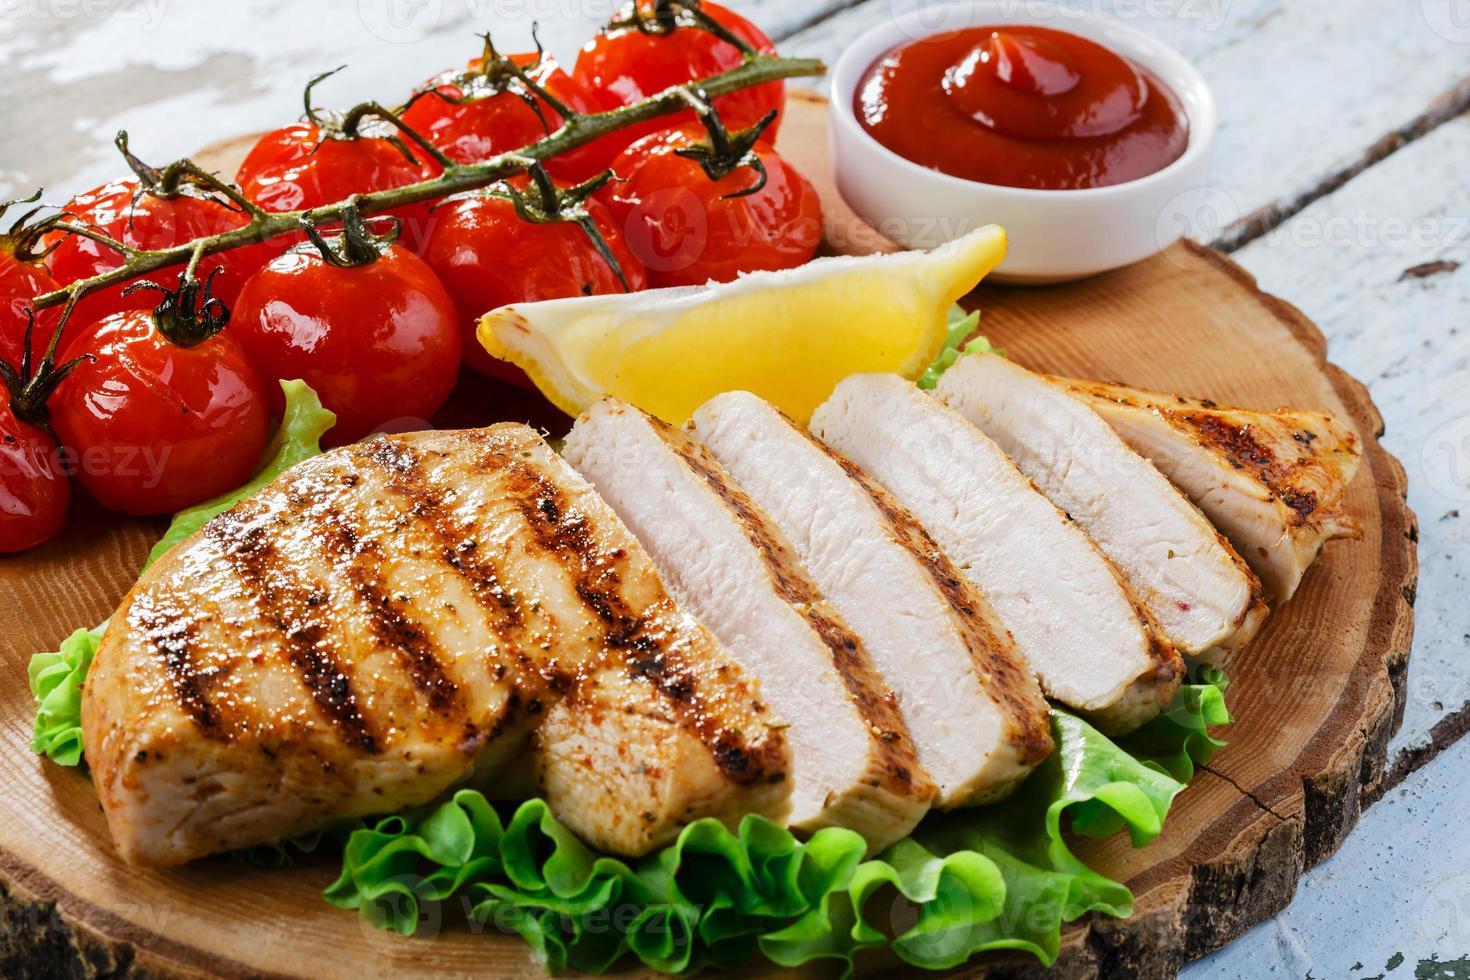 filetto di pollo griglia salsa di verdure foto